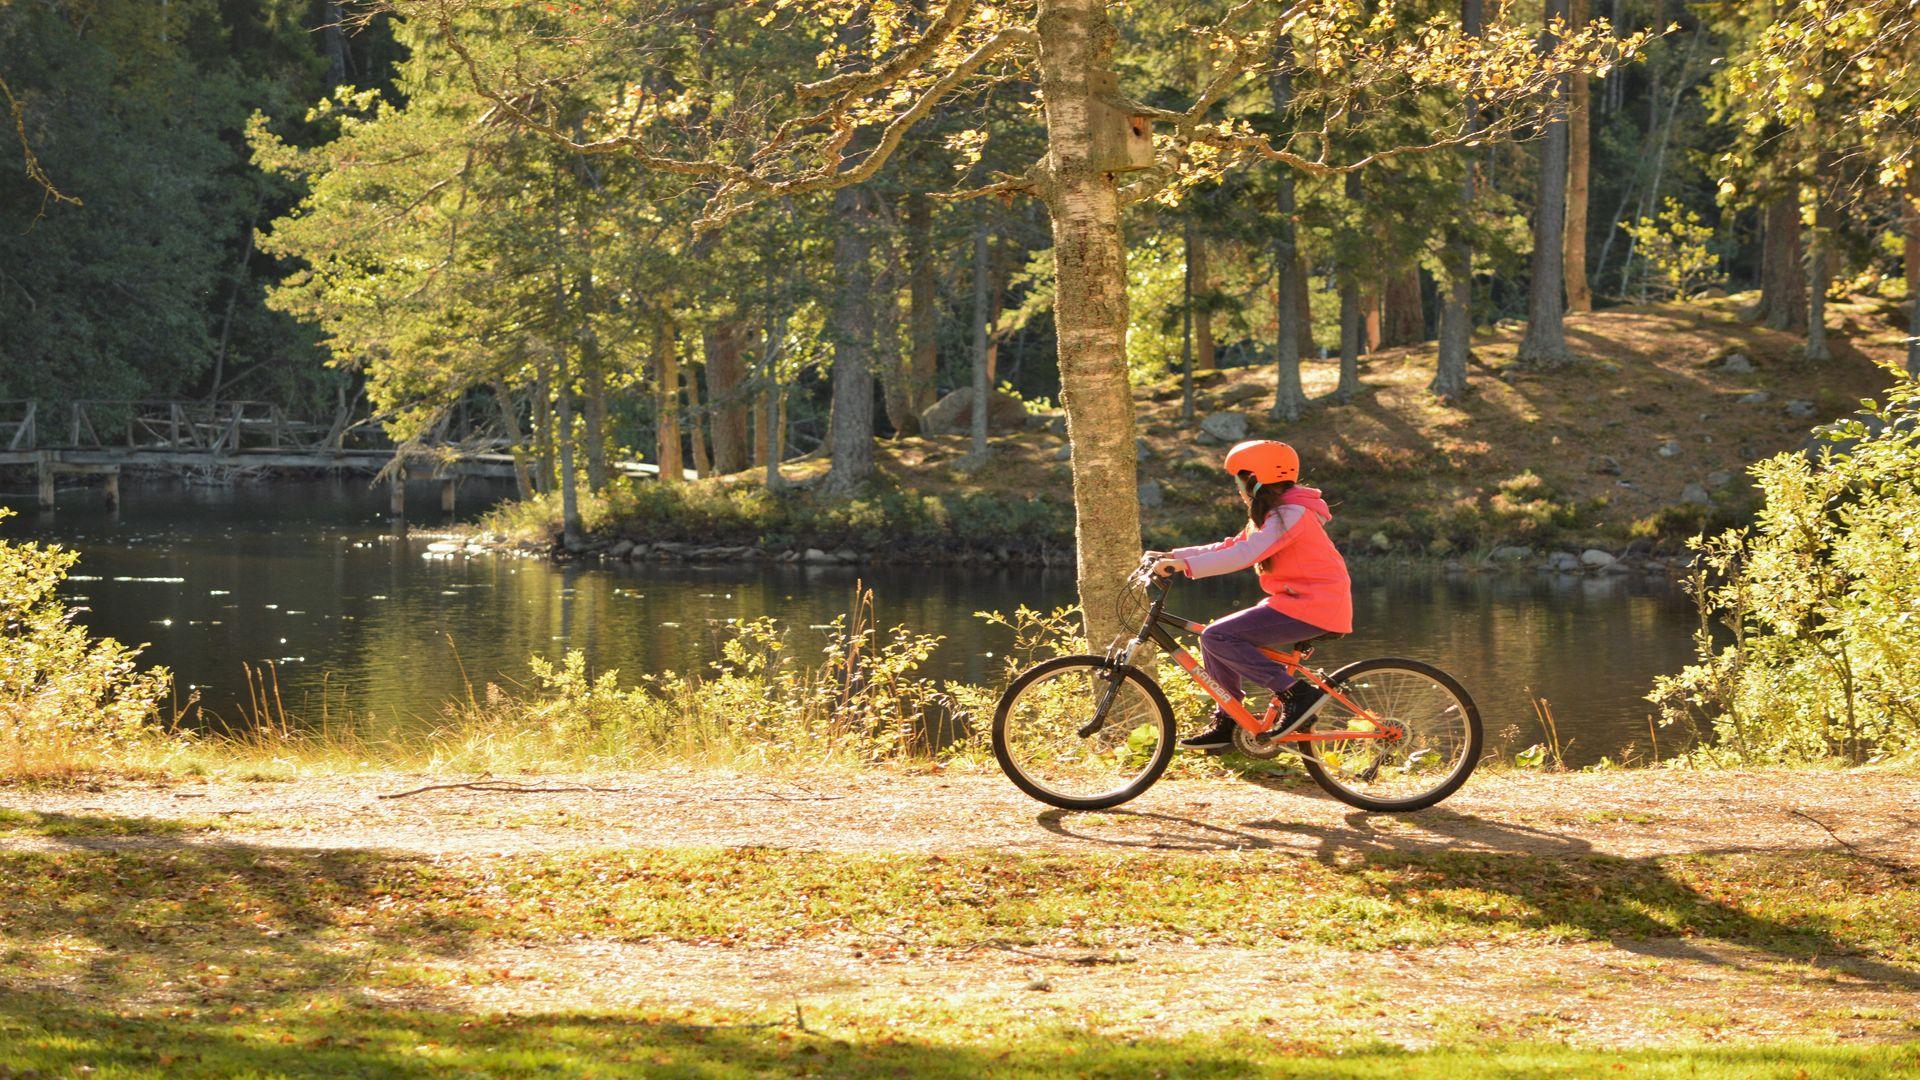 En flicka cyklar intill en sjö. Fotograf: Pressbild